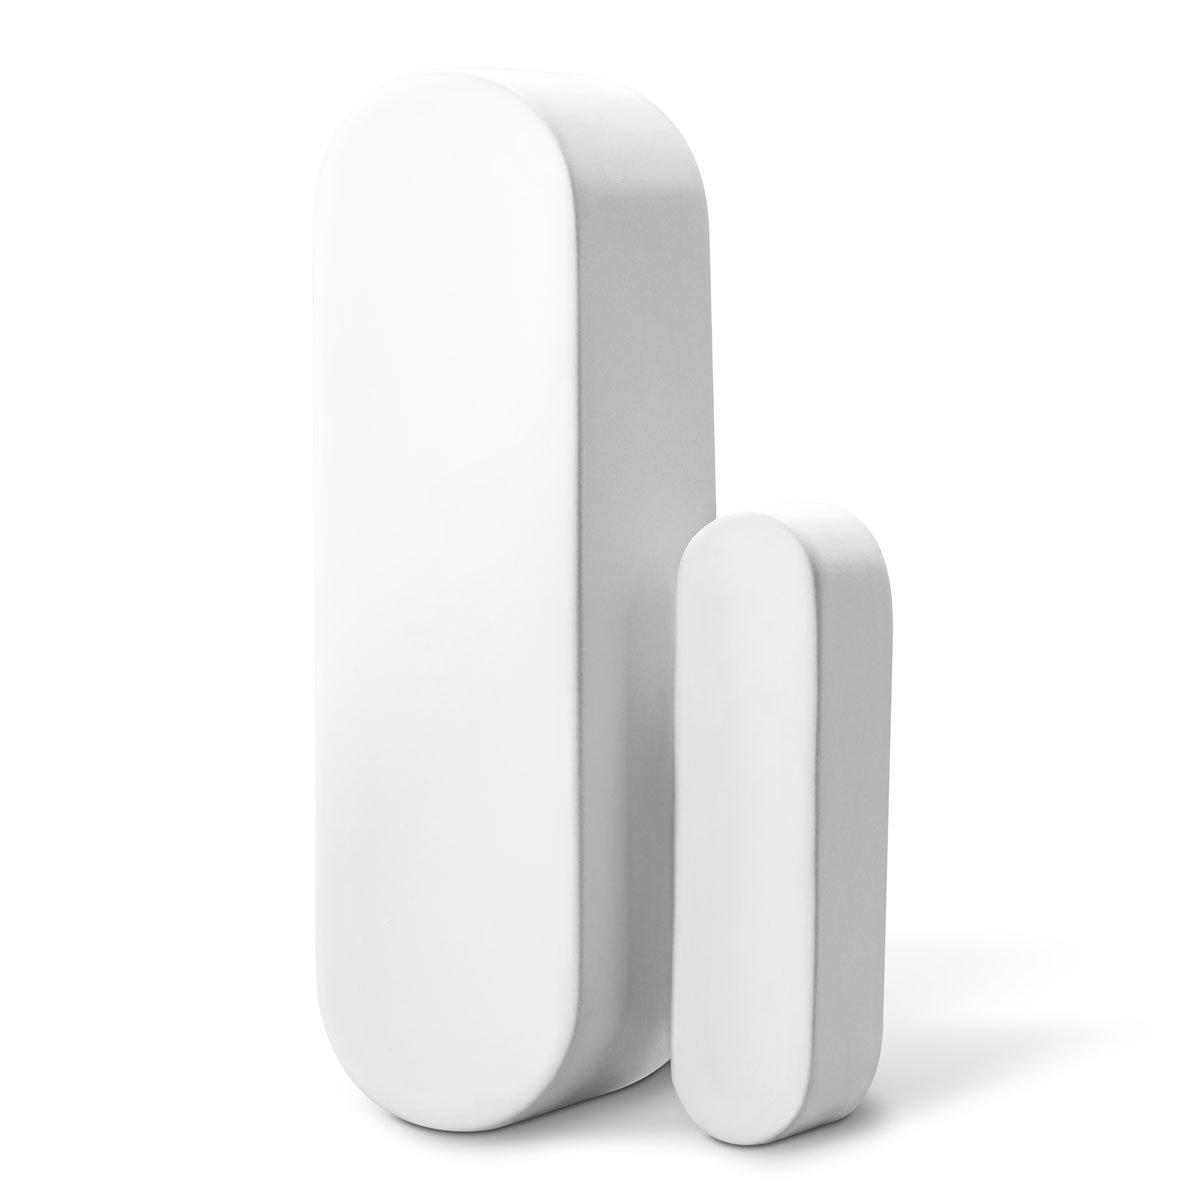 Wink Door/Window Sensor